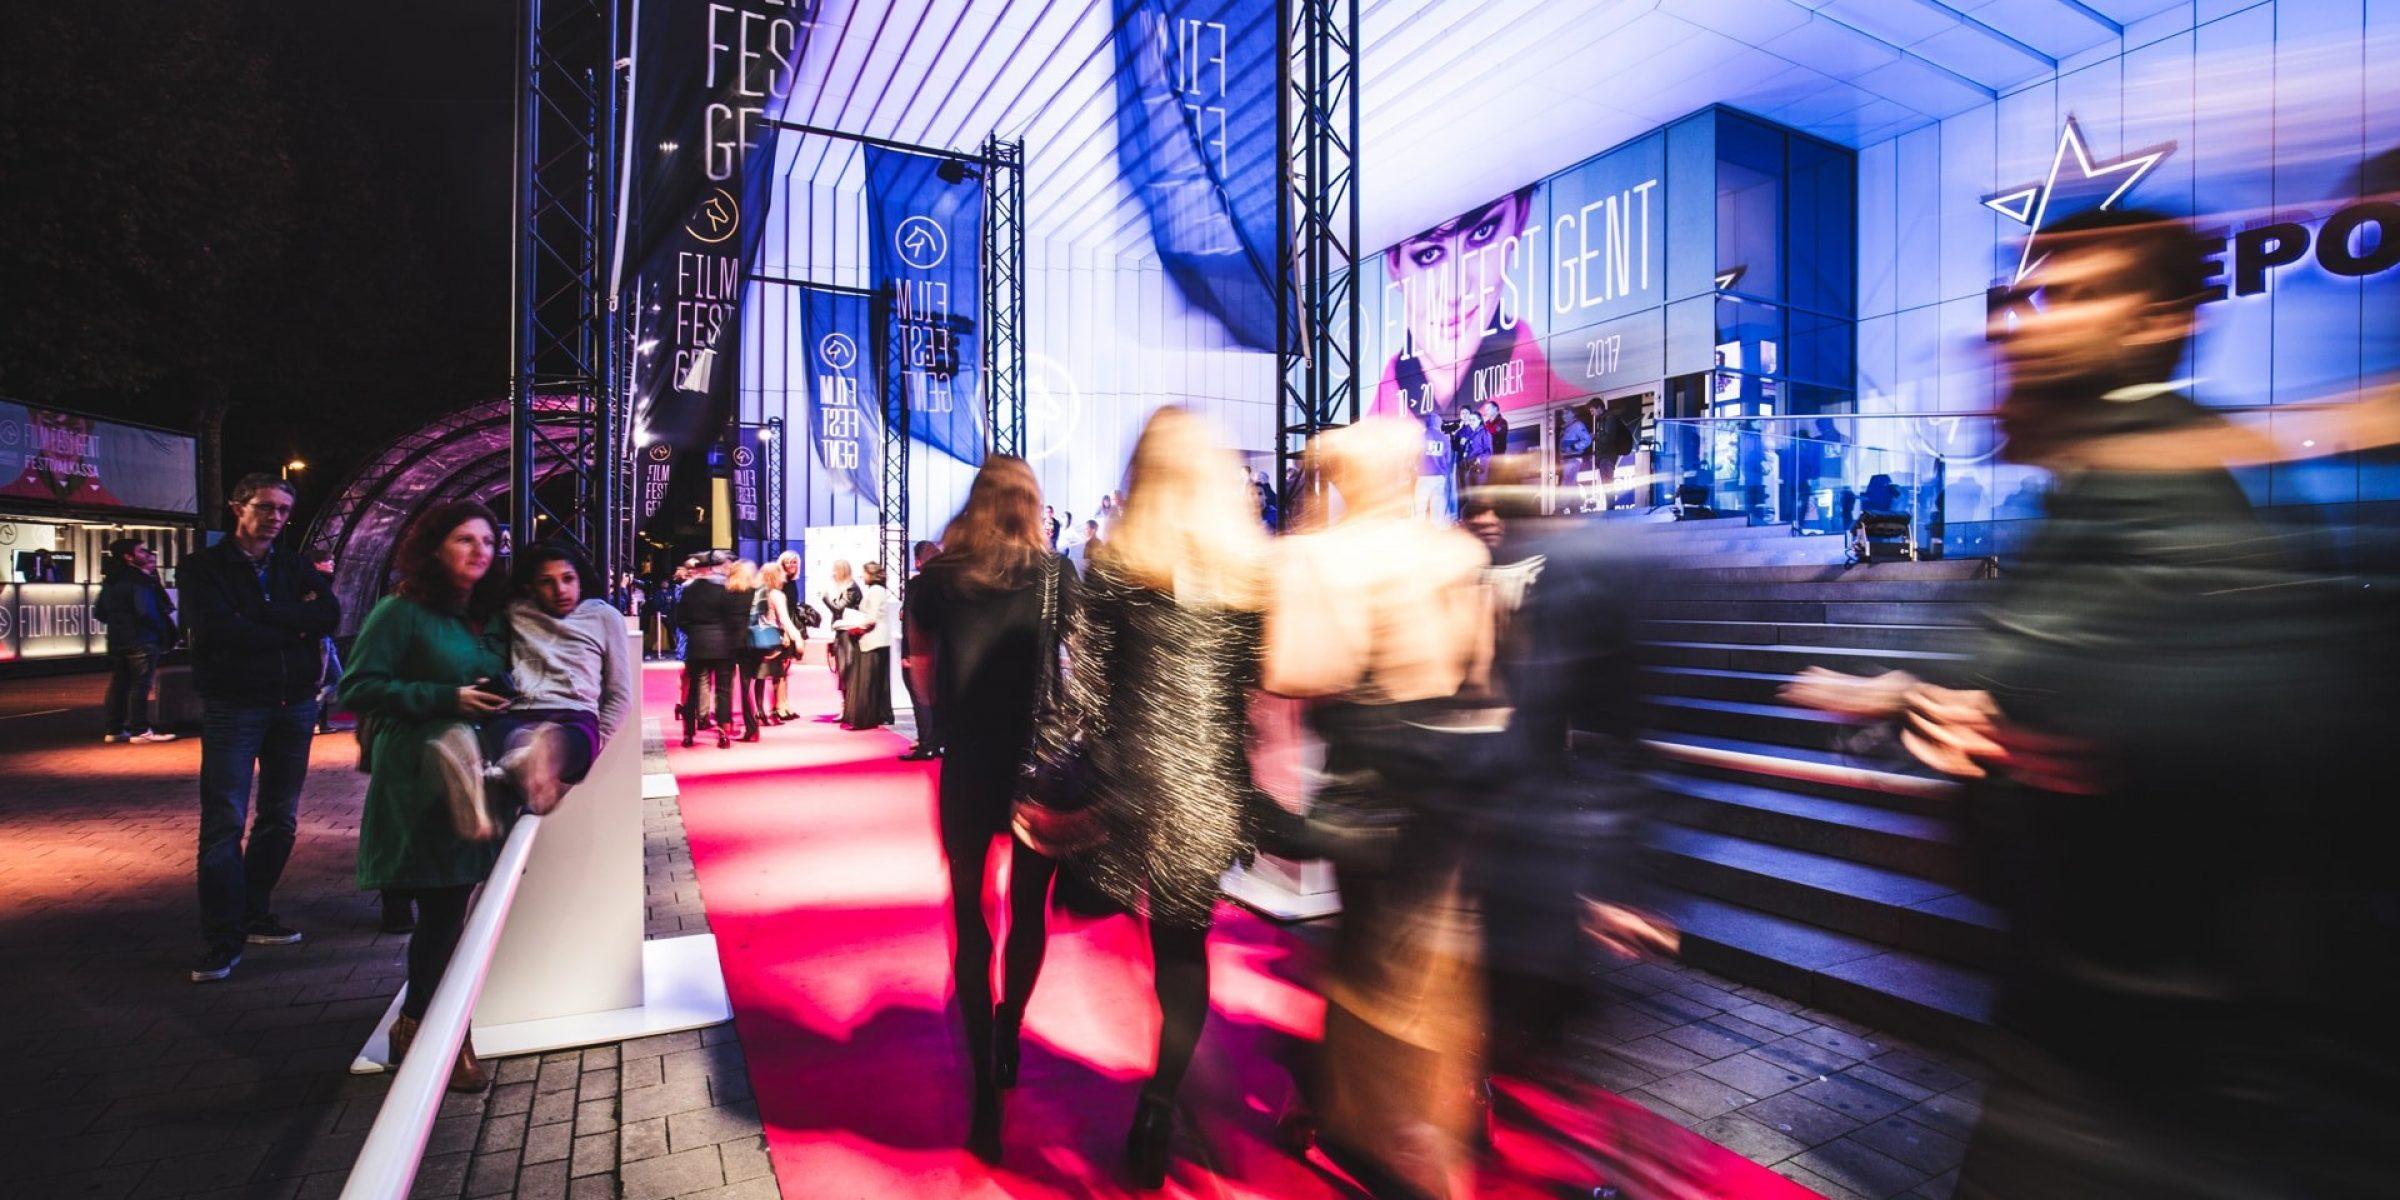 Fast Forward Eventbureau Gent Film Festival Ffg∏Lnnn   Filmfest 0491